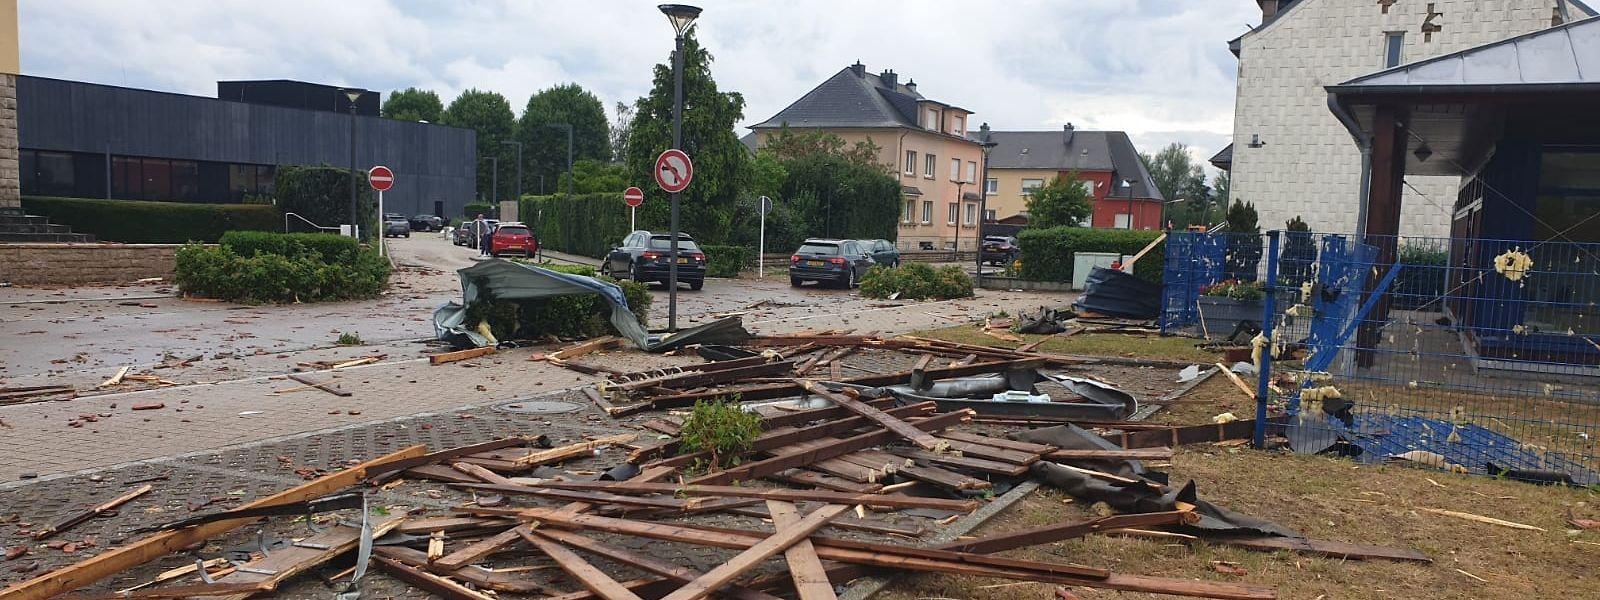 Der Tornado in Petingen war das Thema des Jahres